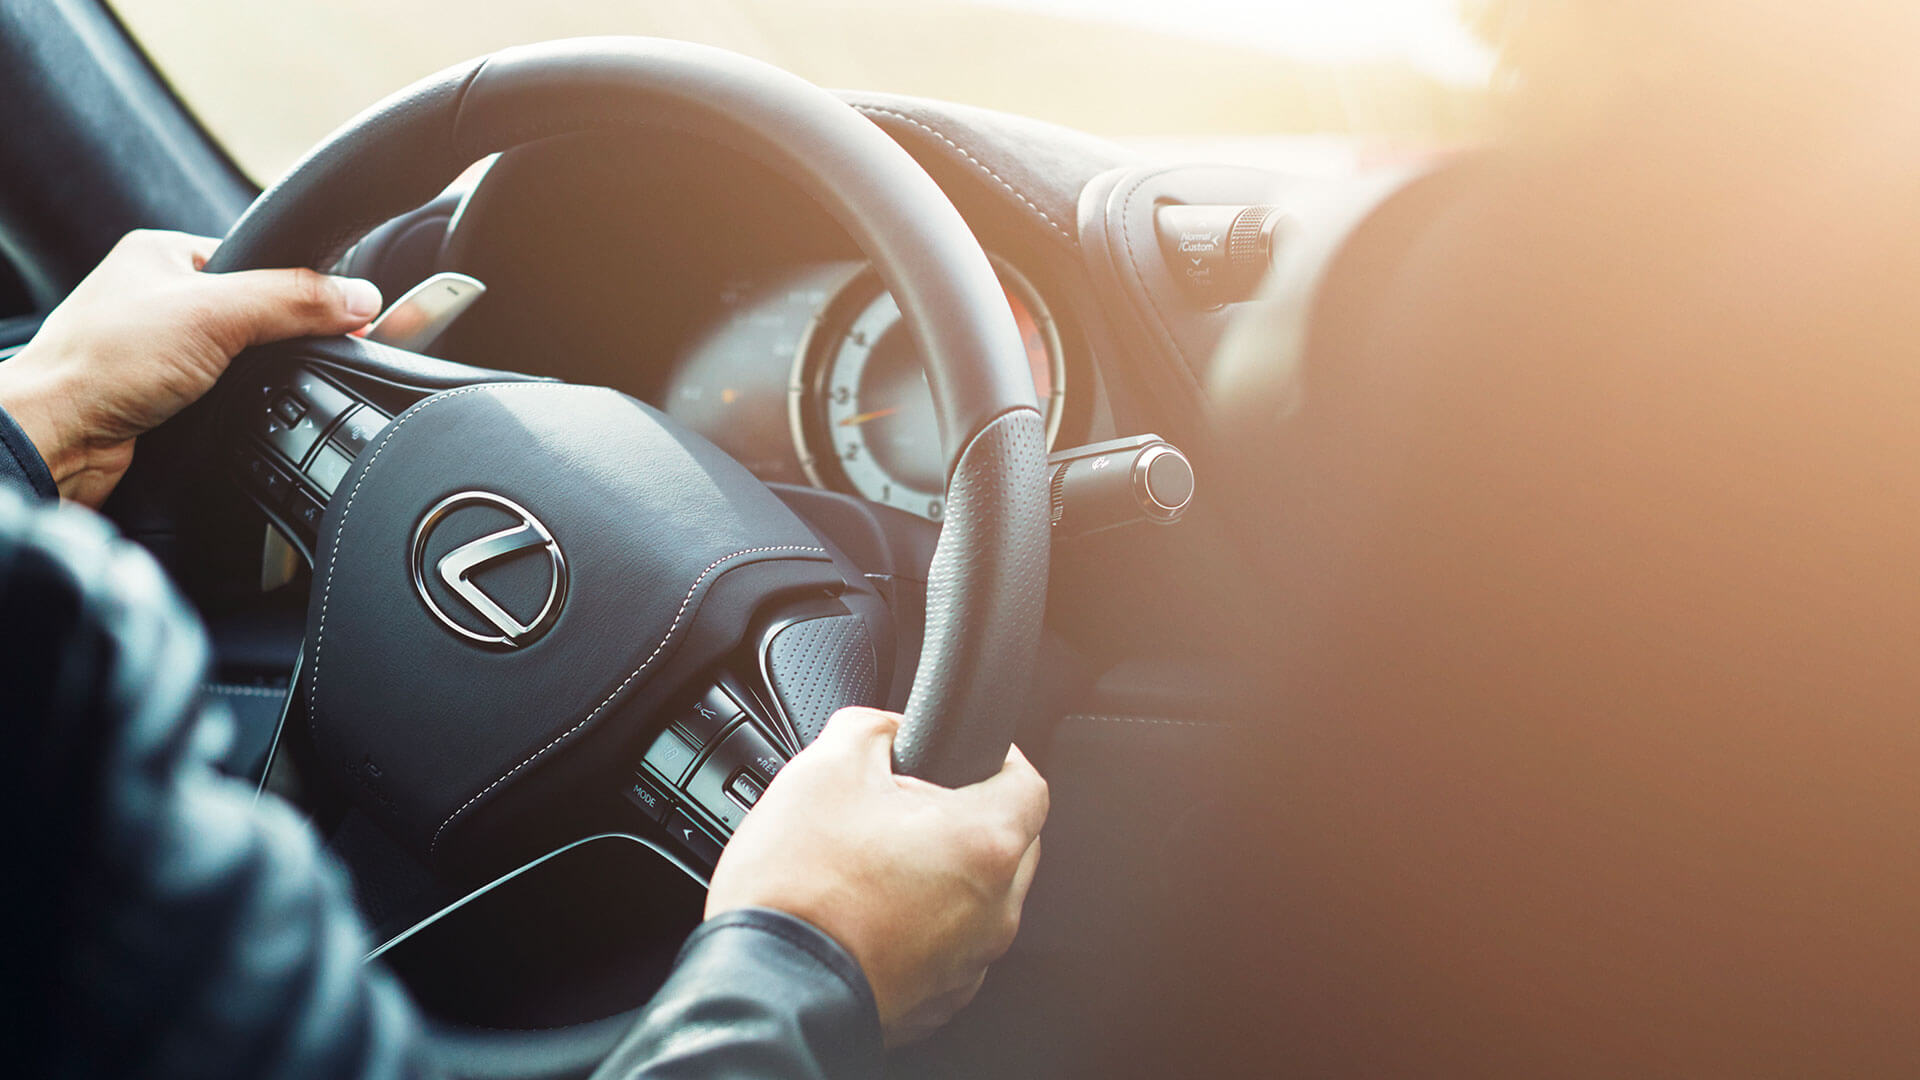 2018 lexus ownership driving1